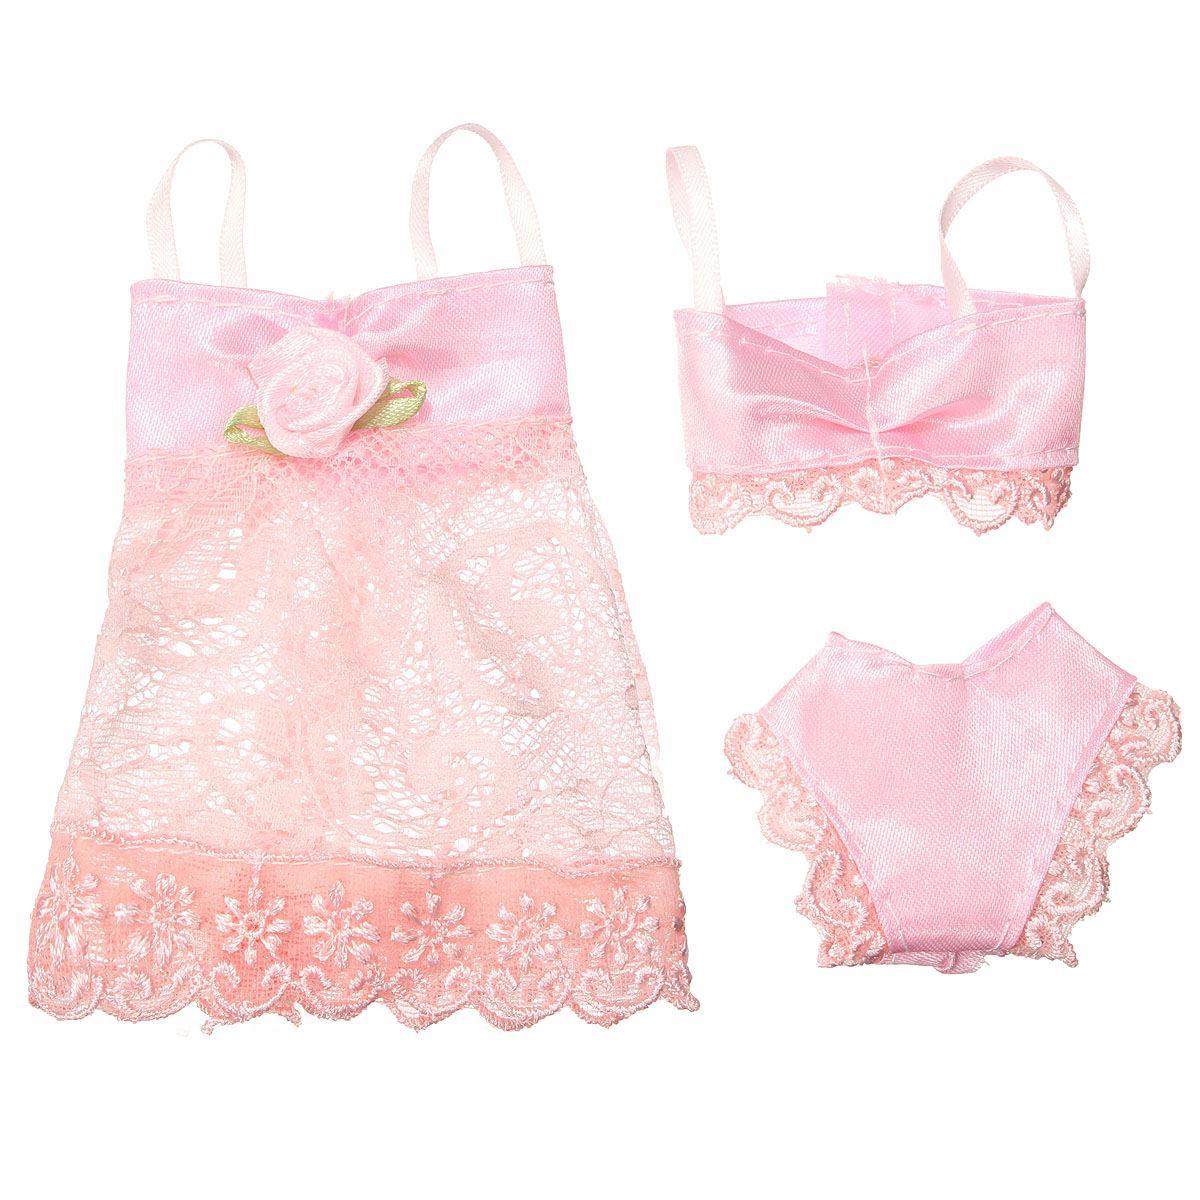 Online Shop 3PCS/Set Colorful Sexy Pajamas Lingerie Nightwear Lace ...